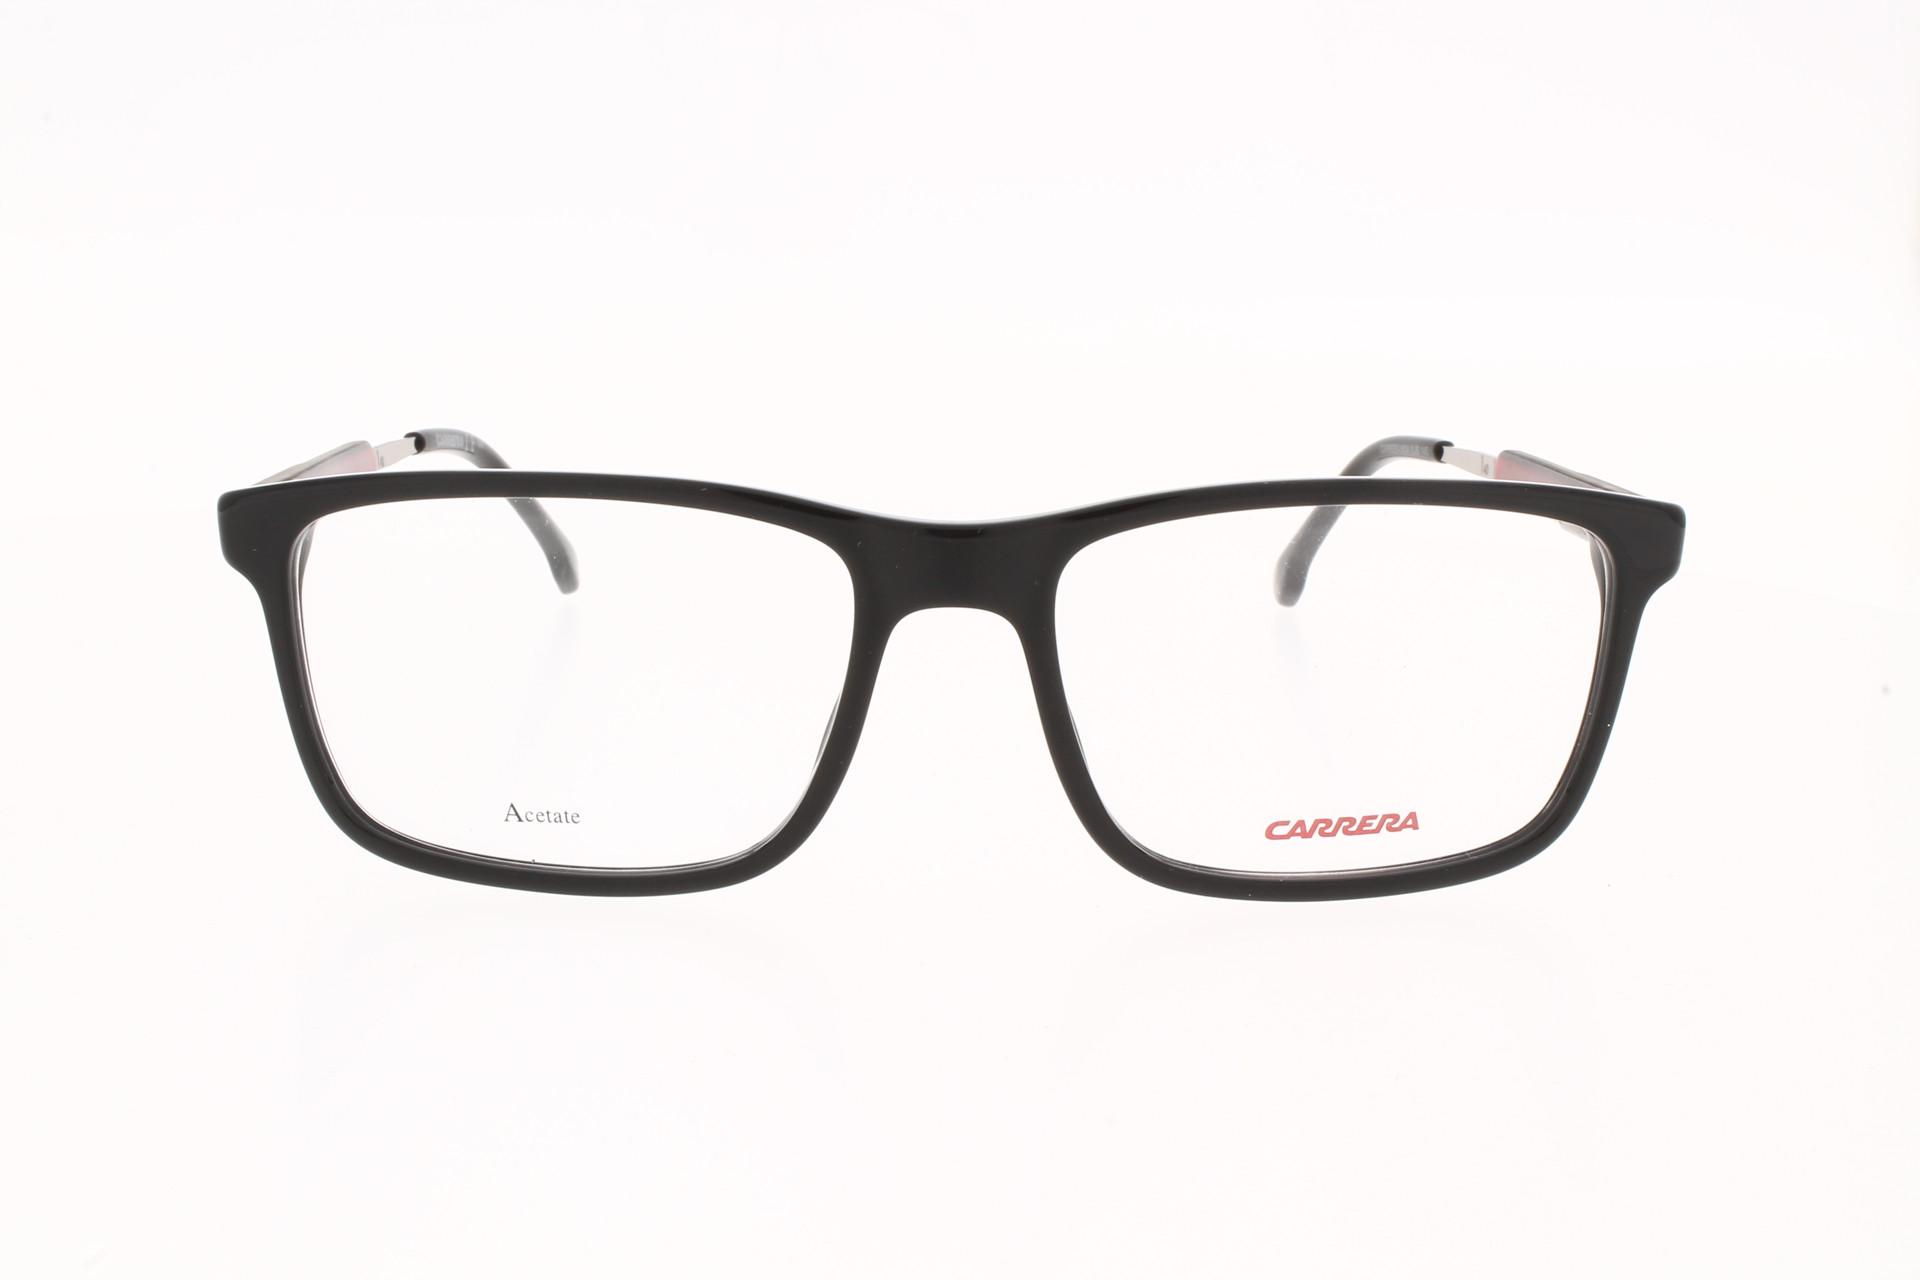 Carrera - 8834 SUB 54-17-145 szemüvegkeretek 2e6300d91a